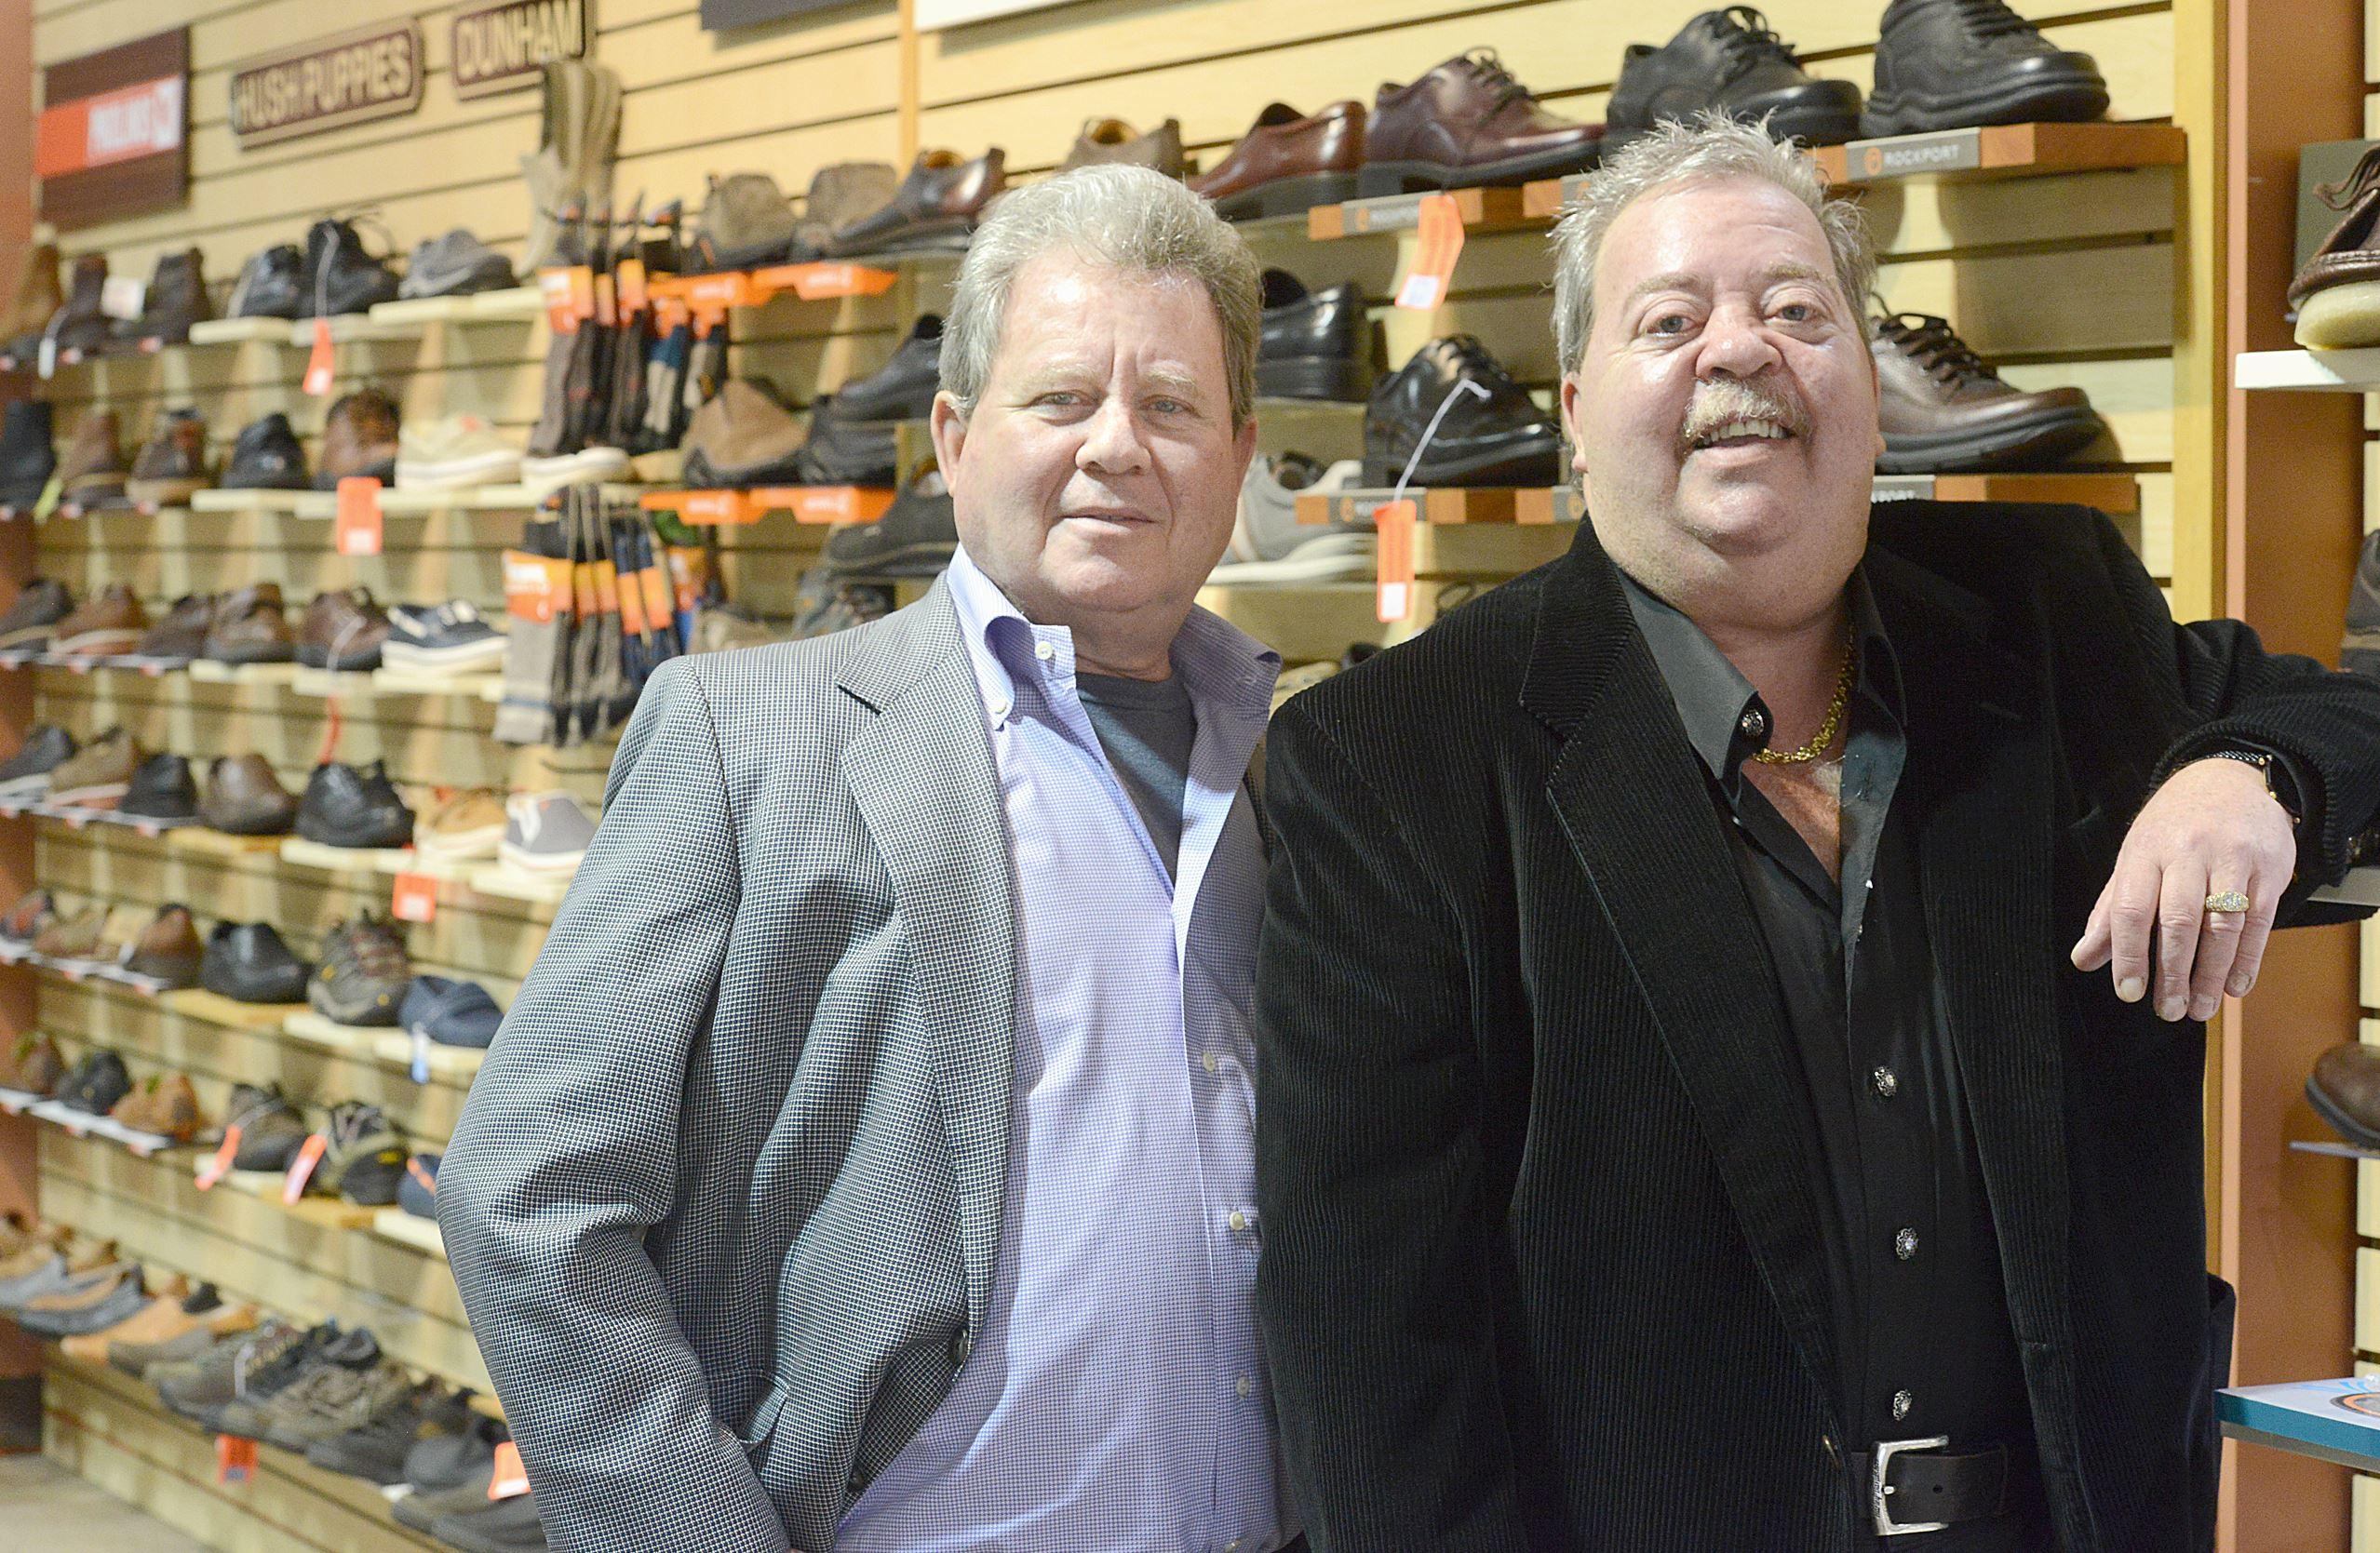 Reyers Shoes in Sharon From left, Steven and Mark Jubelirer preside